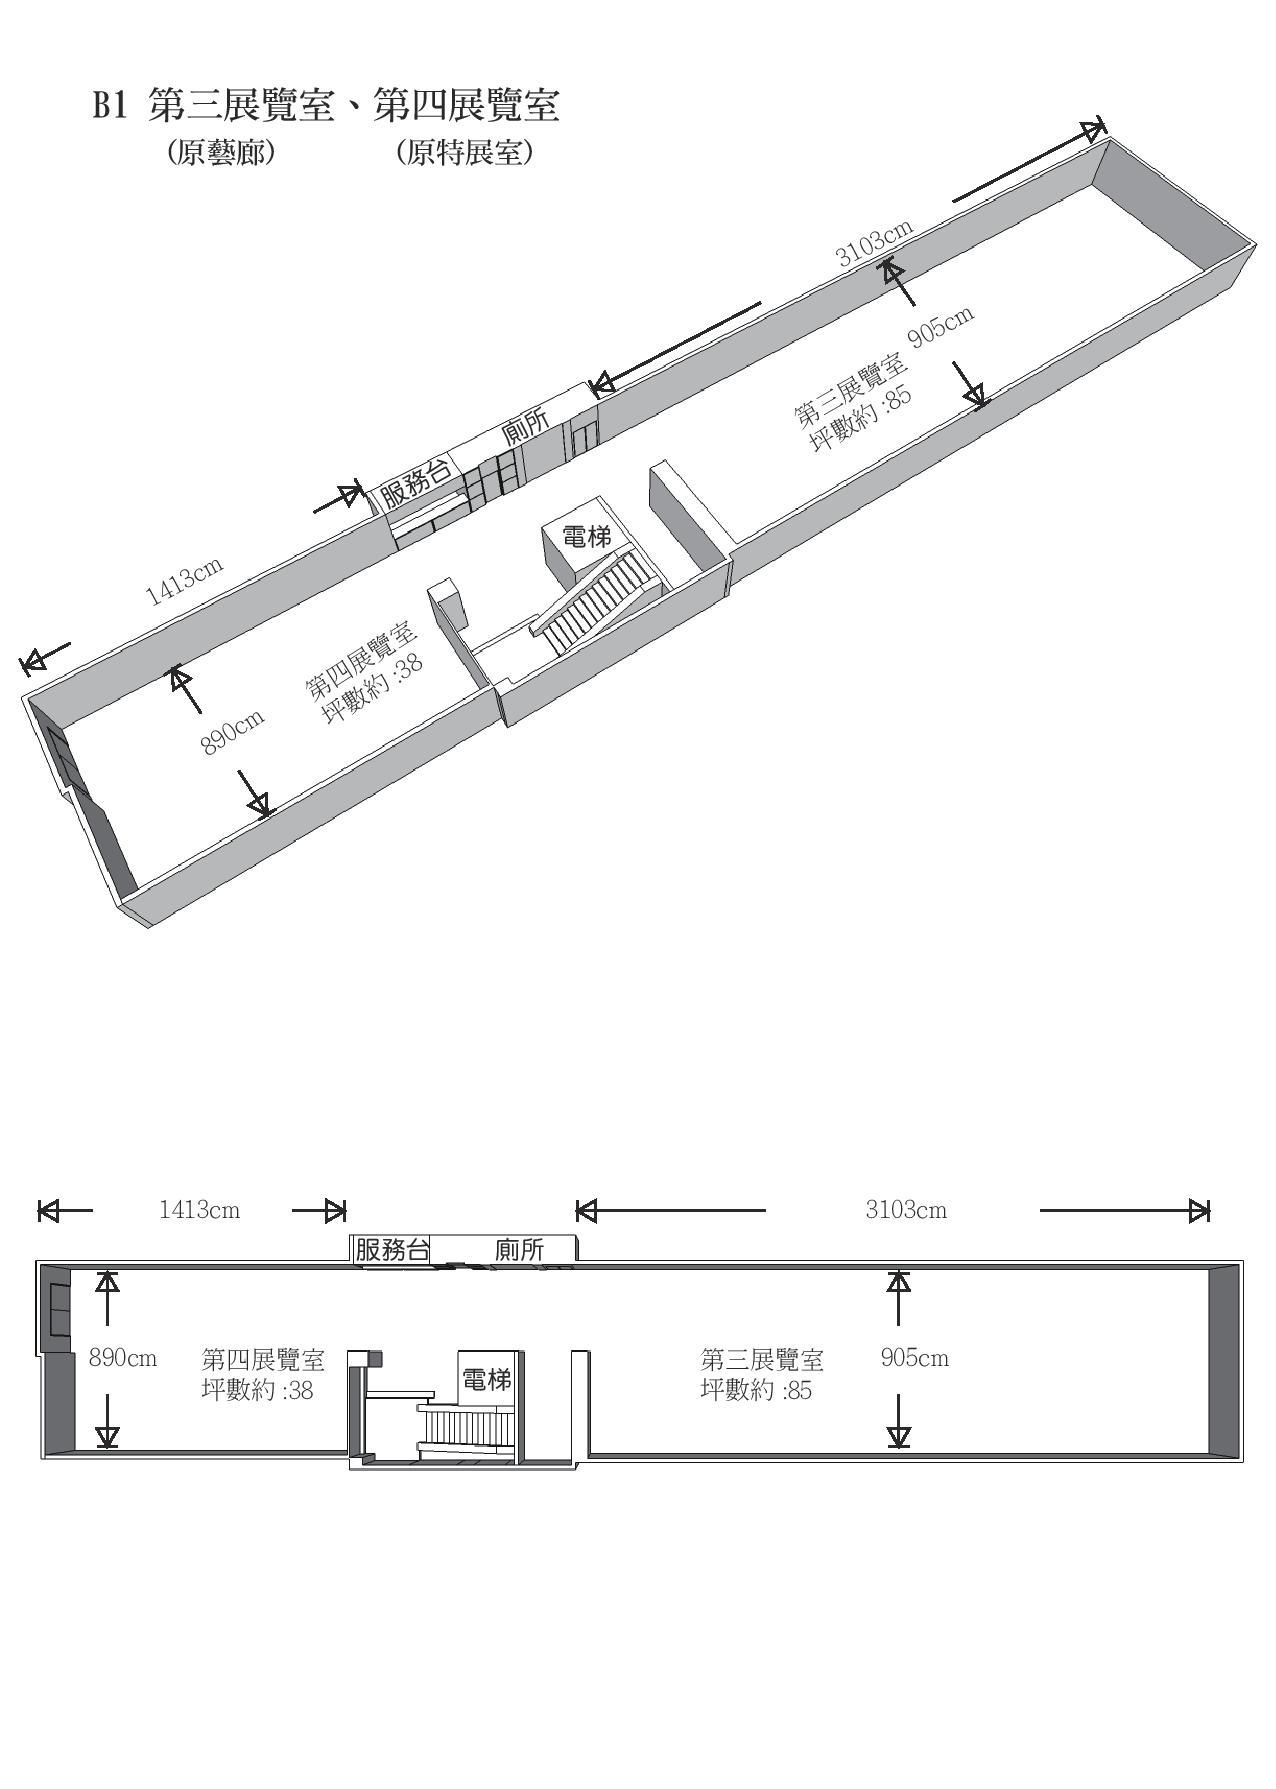 B1 藝廊、特展室